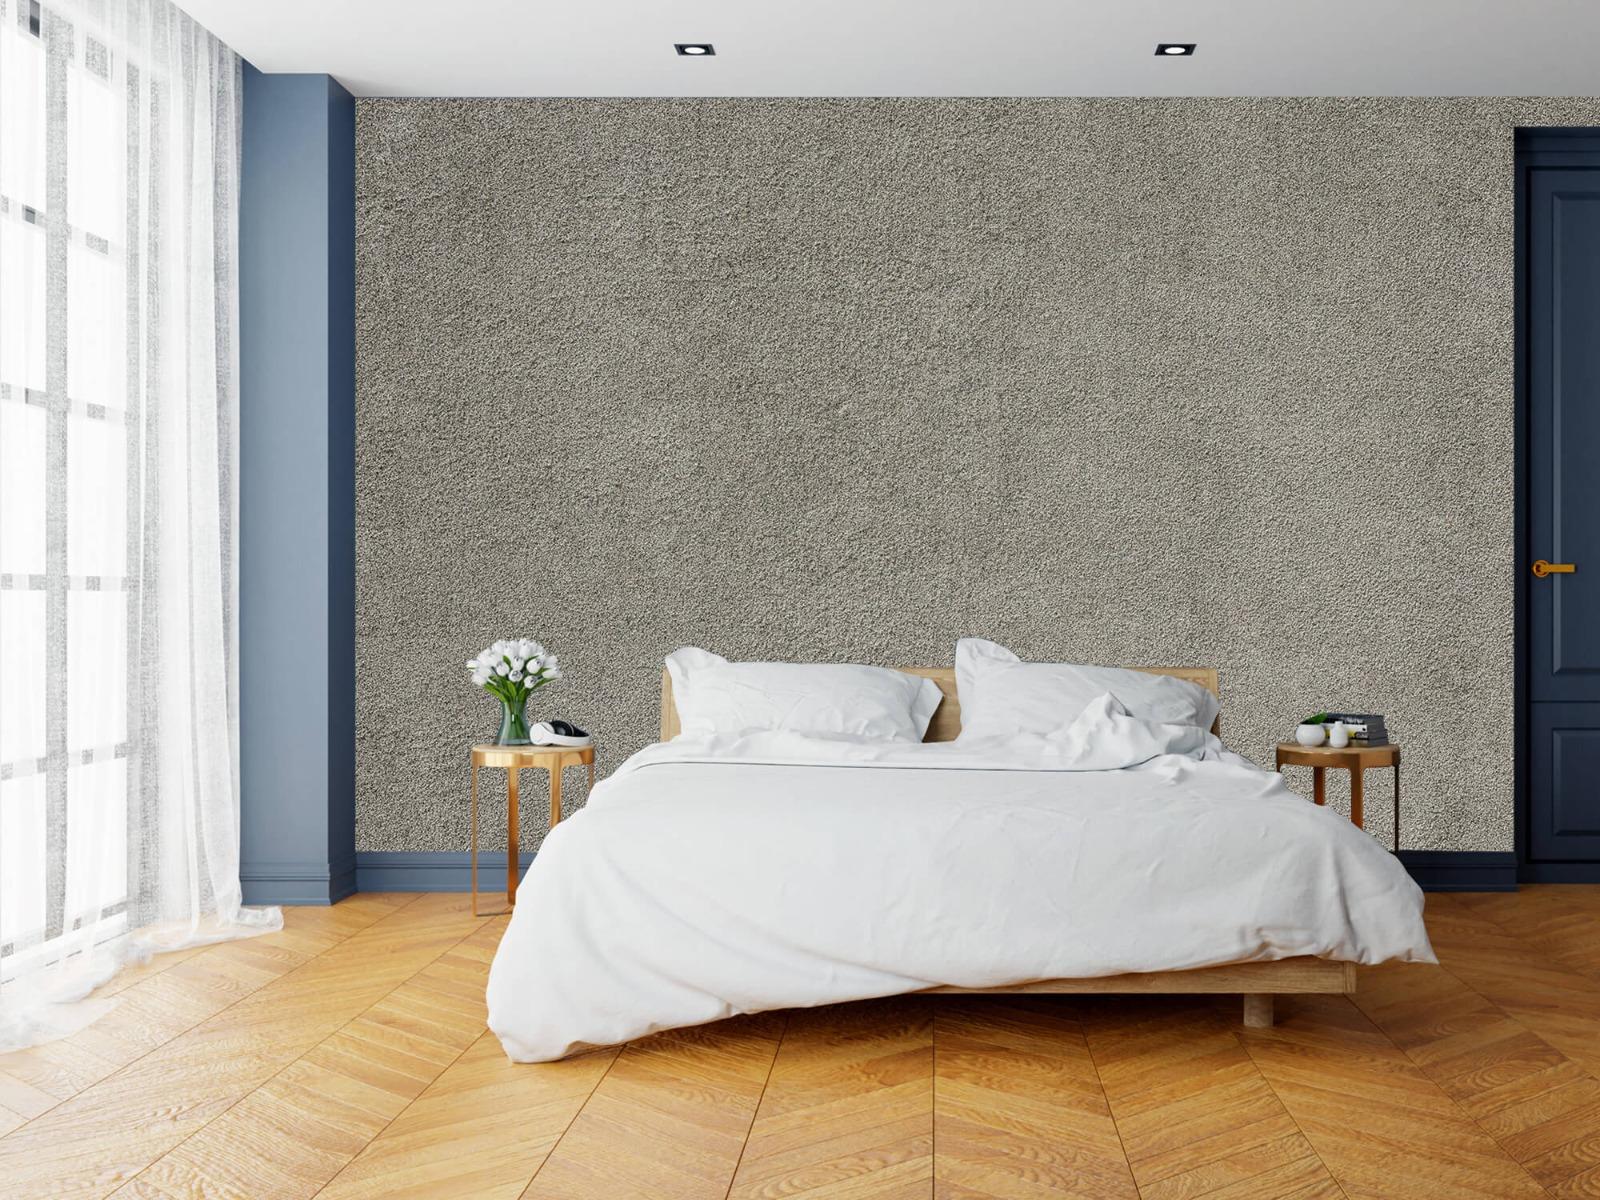 Betonlook behang - Betonnen muur met fijne steentjes - Kantoor 15